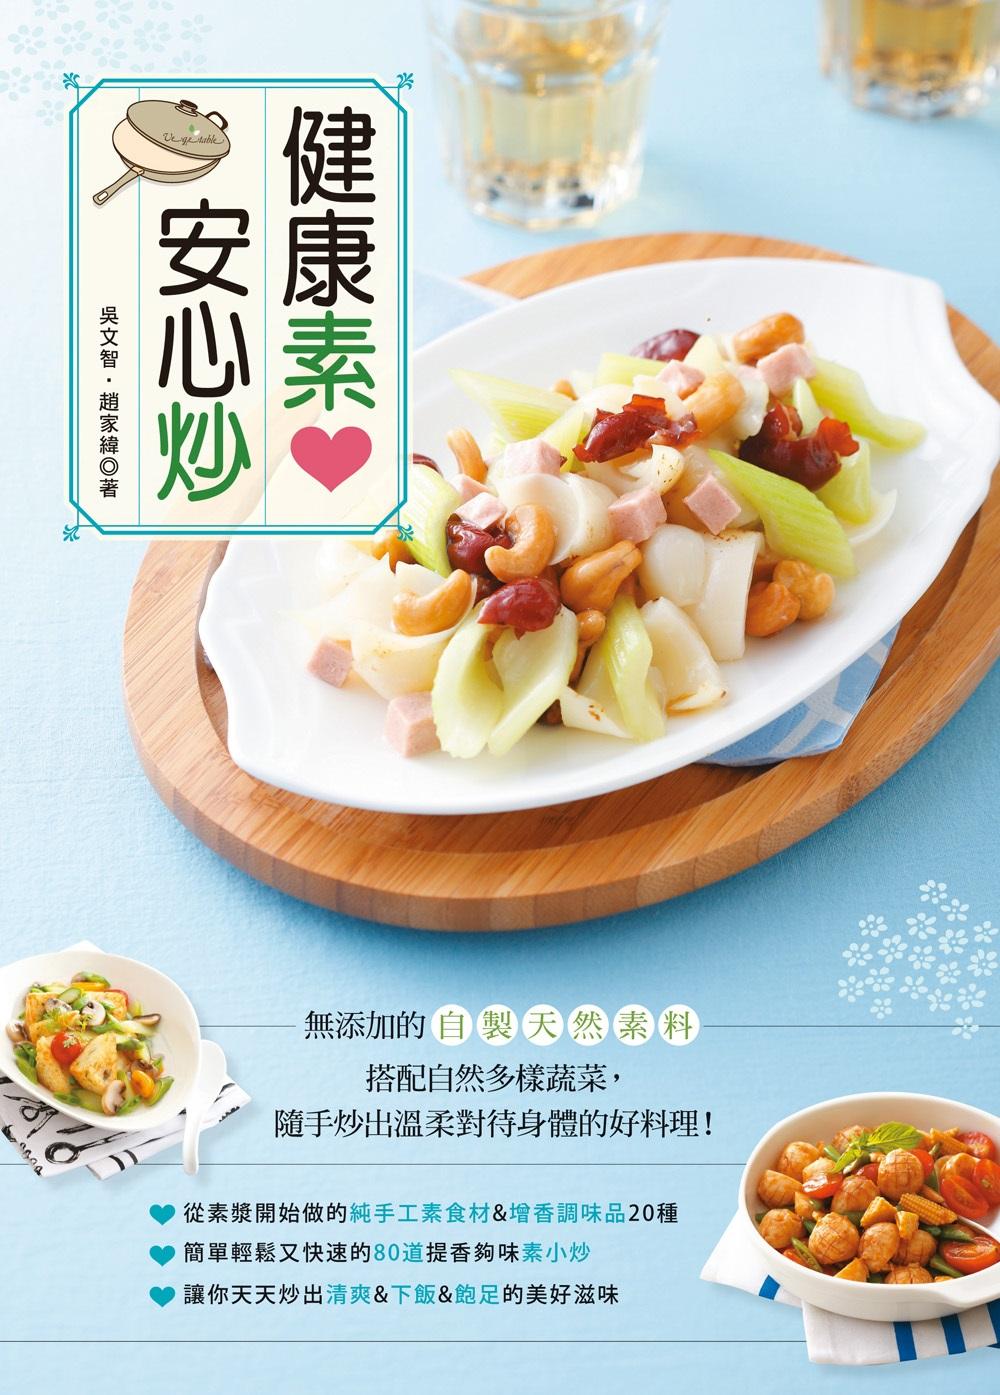 健康素❤安心炒:無添加的自製天然素料,搭配自然多樣蔬菜,隨手炒出溫柔對待身體的好料理!